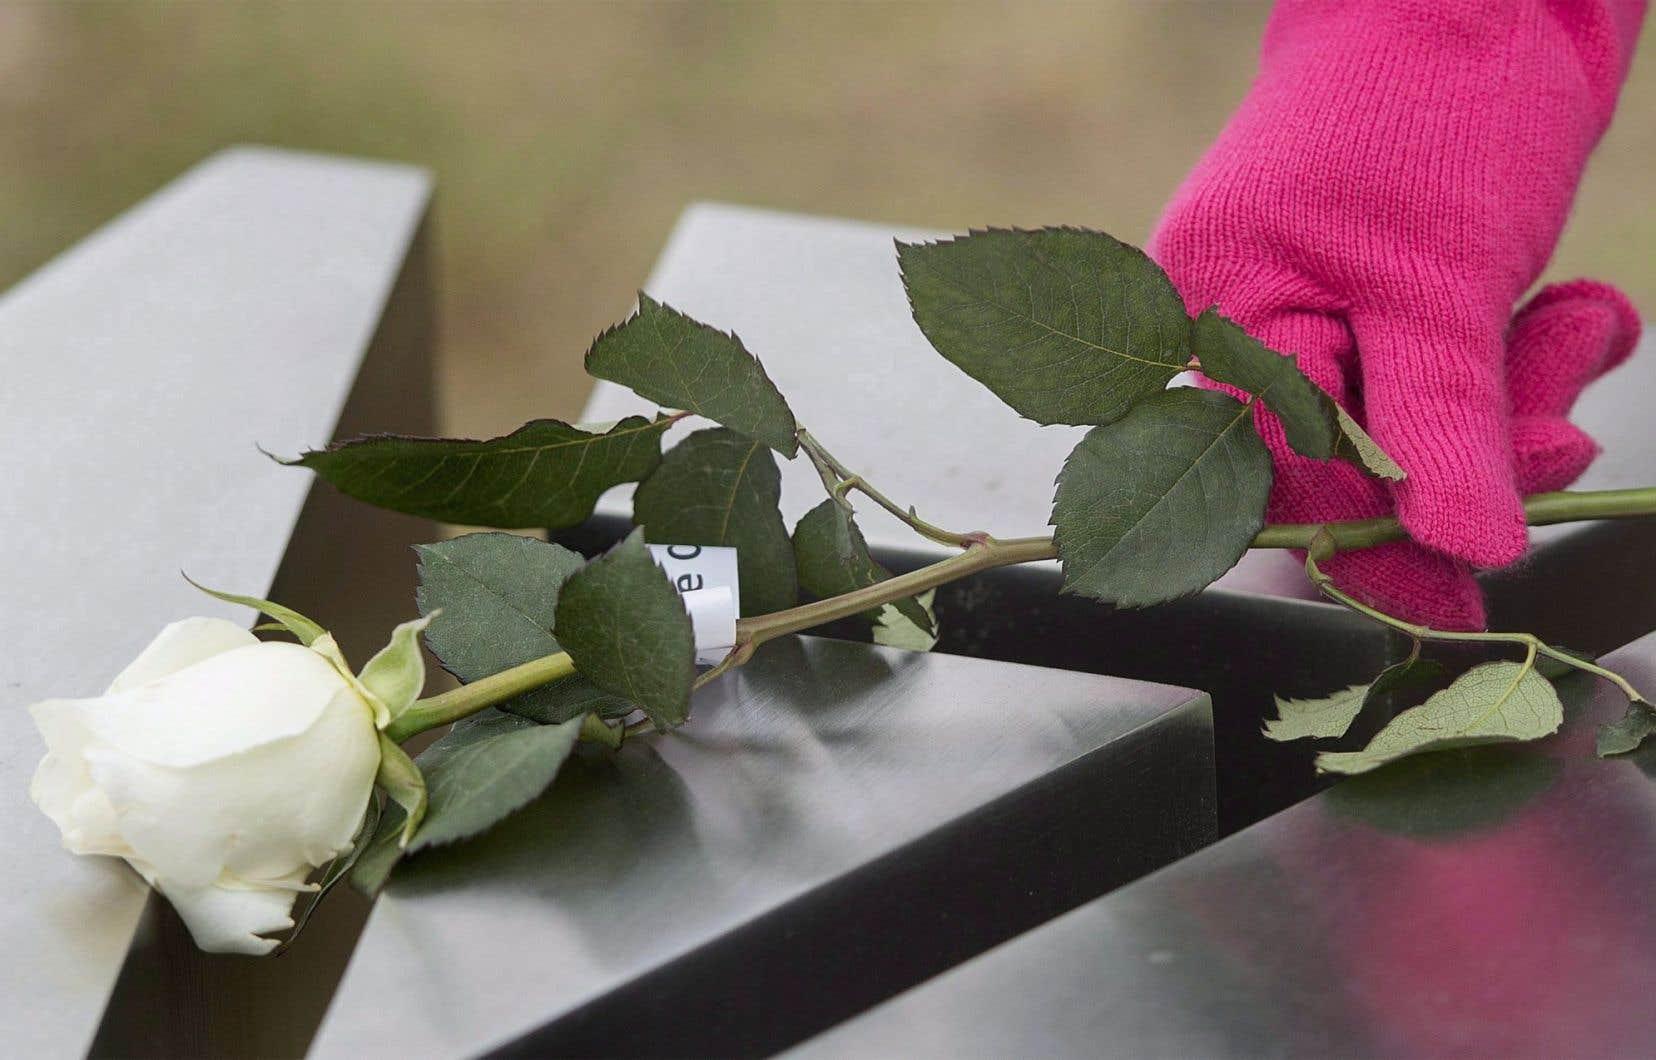 Le 6décembre 1989, Marc Lépine avait fauché la vie de 14 femmes à Polytechnique.